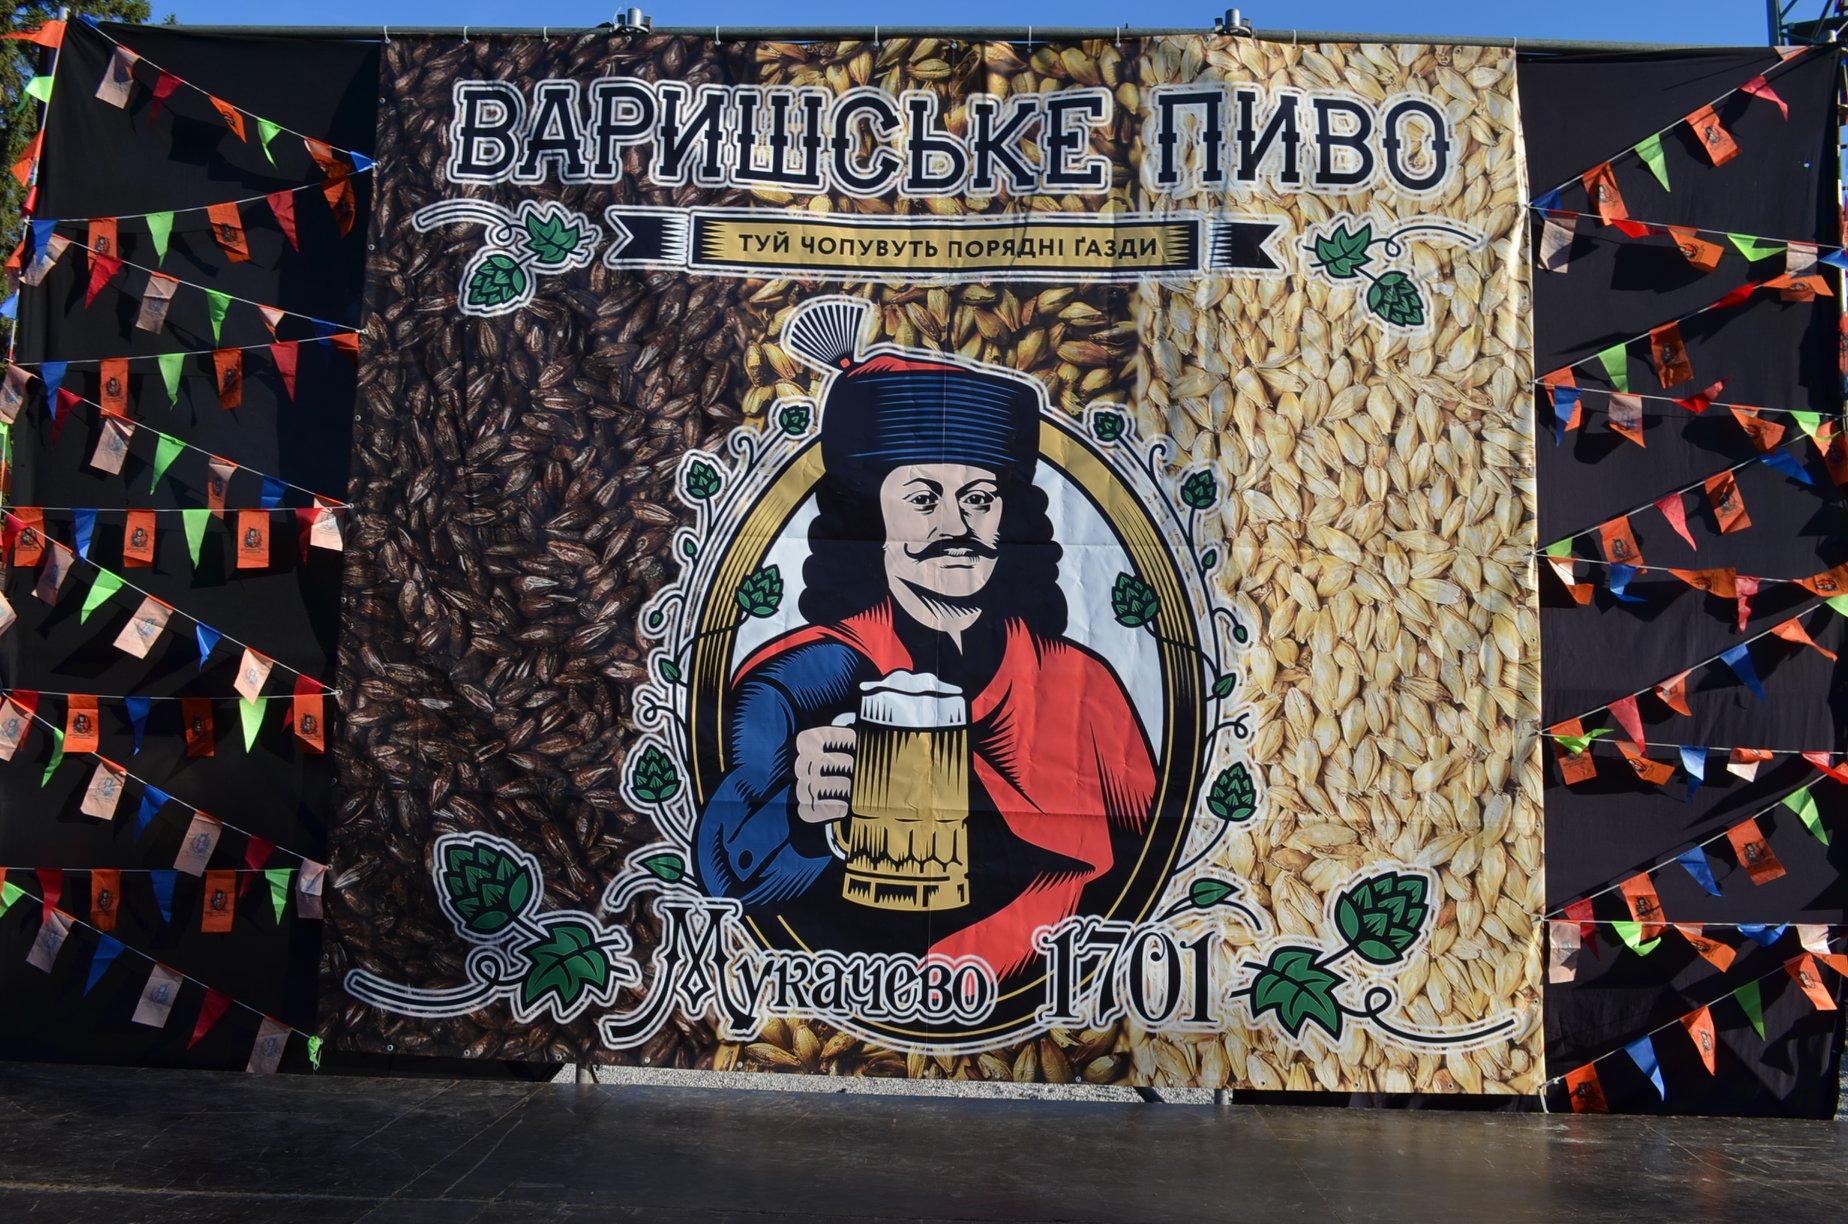 21 августа в парке «Центральный» стартует фестиваль крафтового пива, он продлится 4 дня.